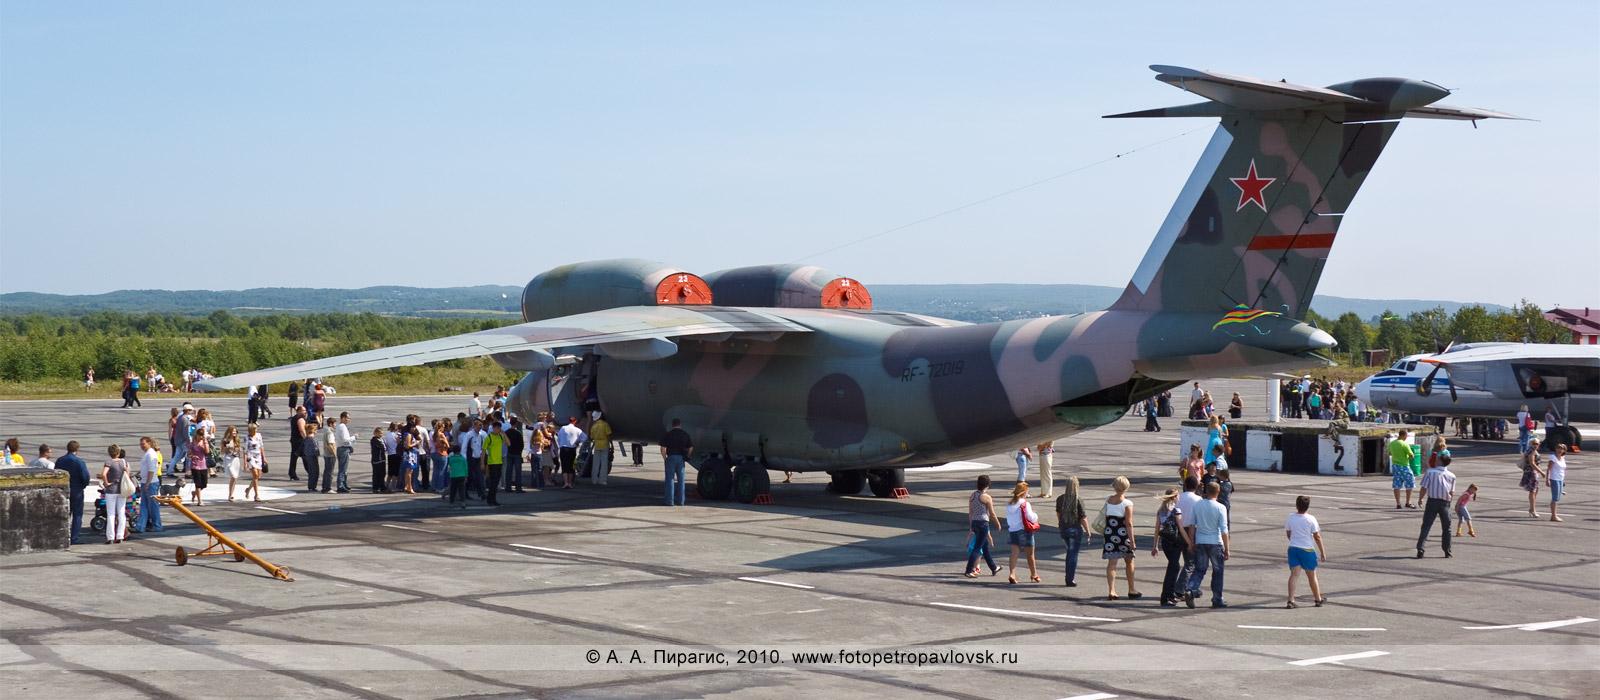 Фотография: Полуостров Камчатка — День авиации РФ: живая очередь камчатцев, желающих увидеть морской патрульный самолет Ан-72П и посидеть за его штурвалом